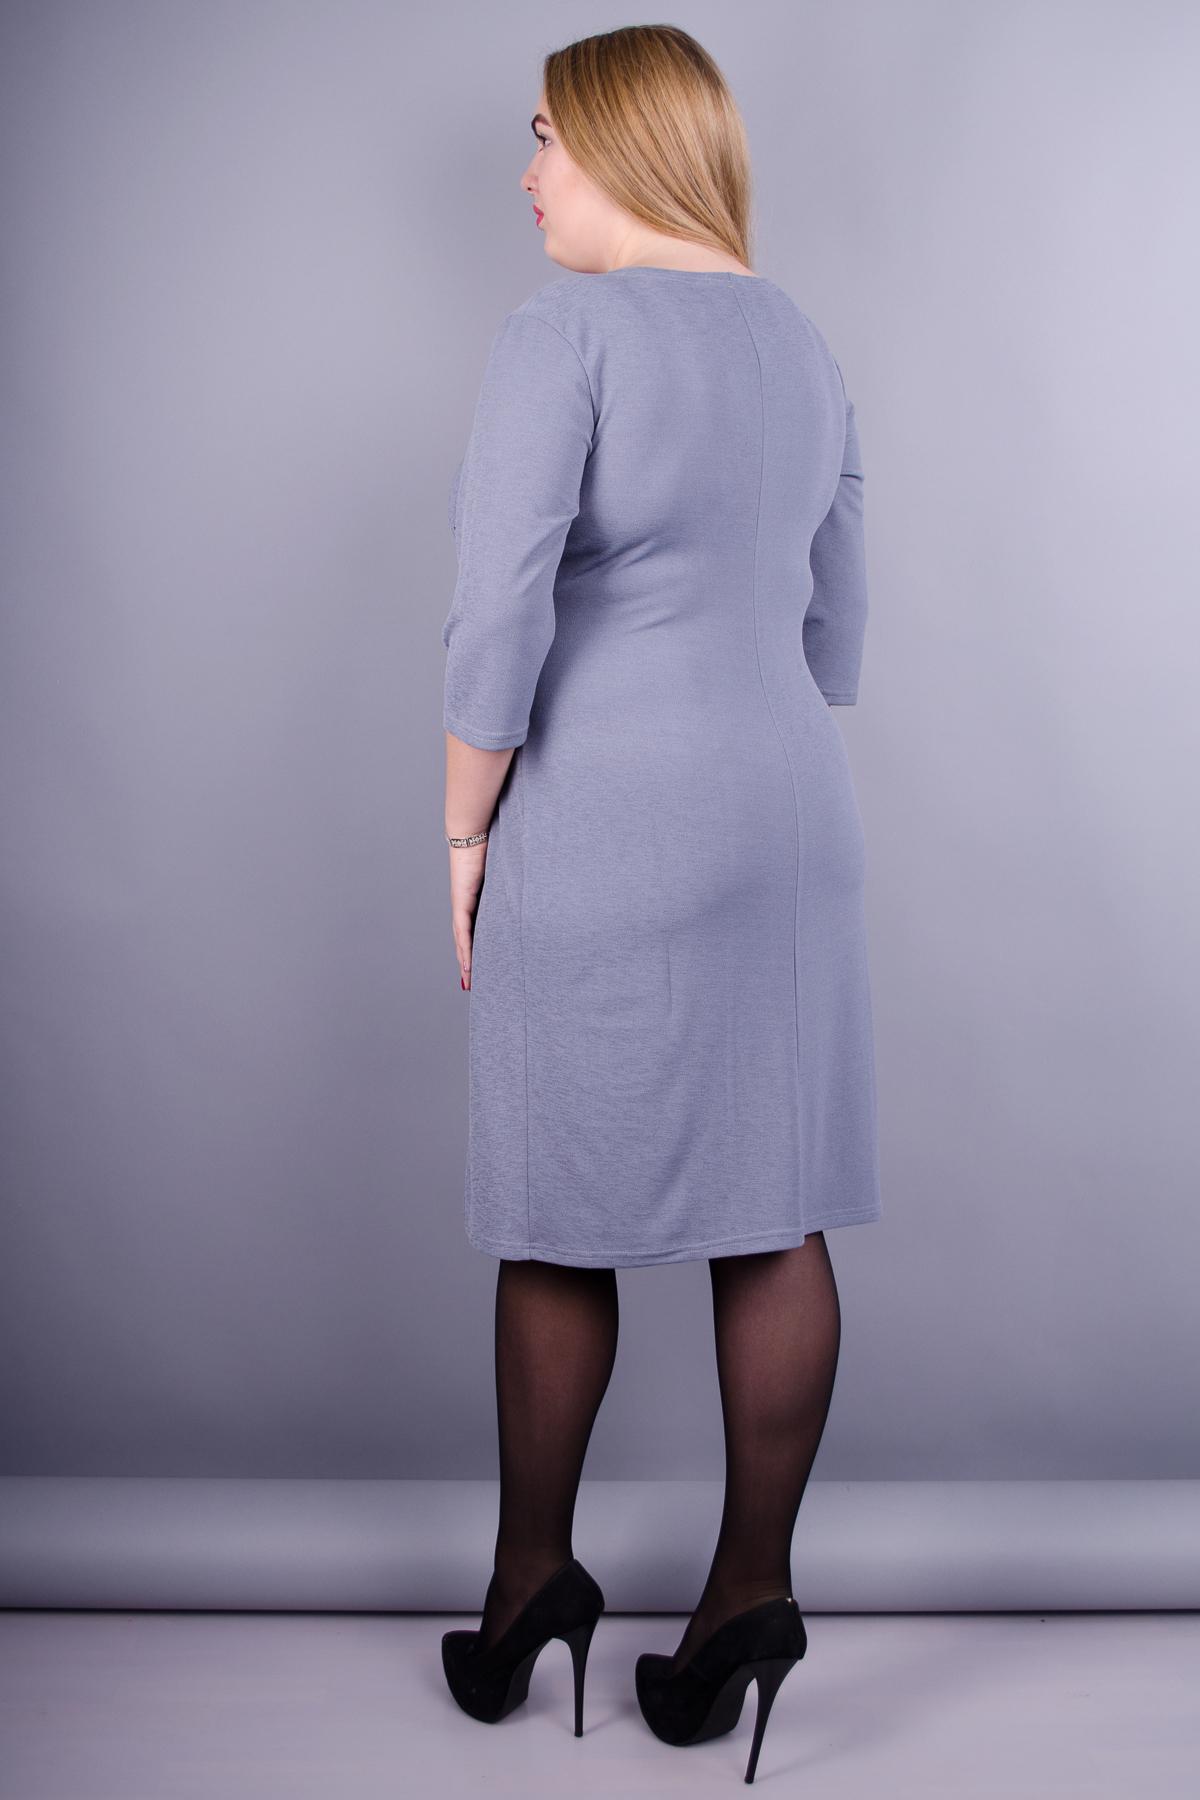 Тейлор. Гарна жіноча сукня плюс сайз. Сірий. - купить по выгодной ... b412aab054385